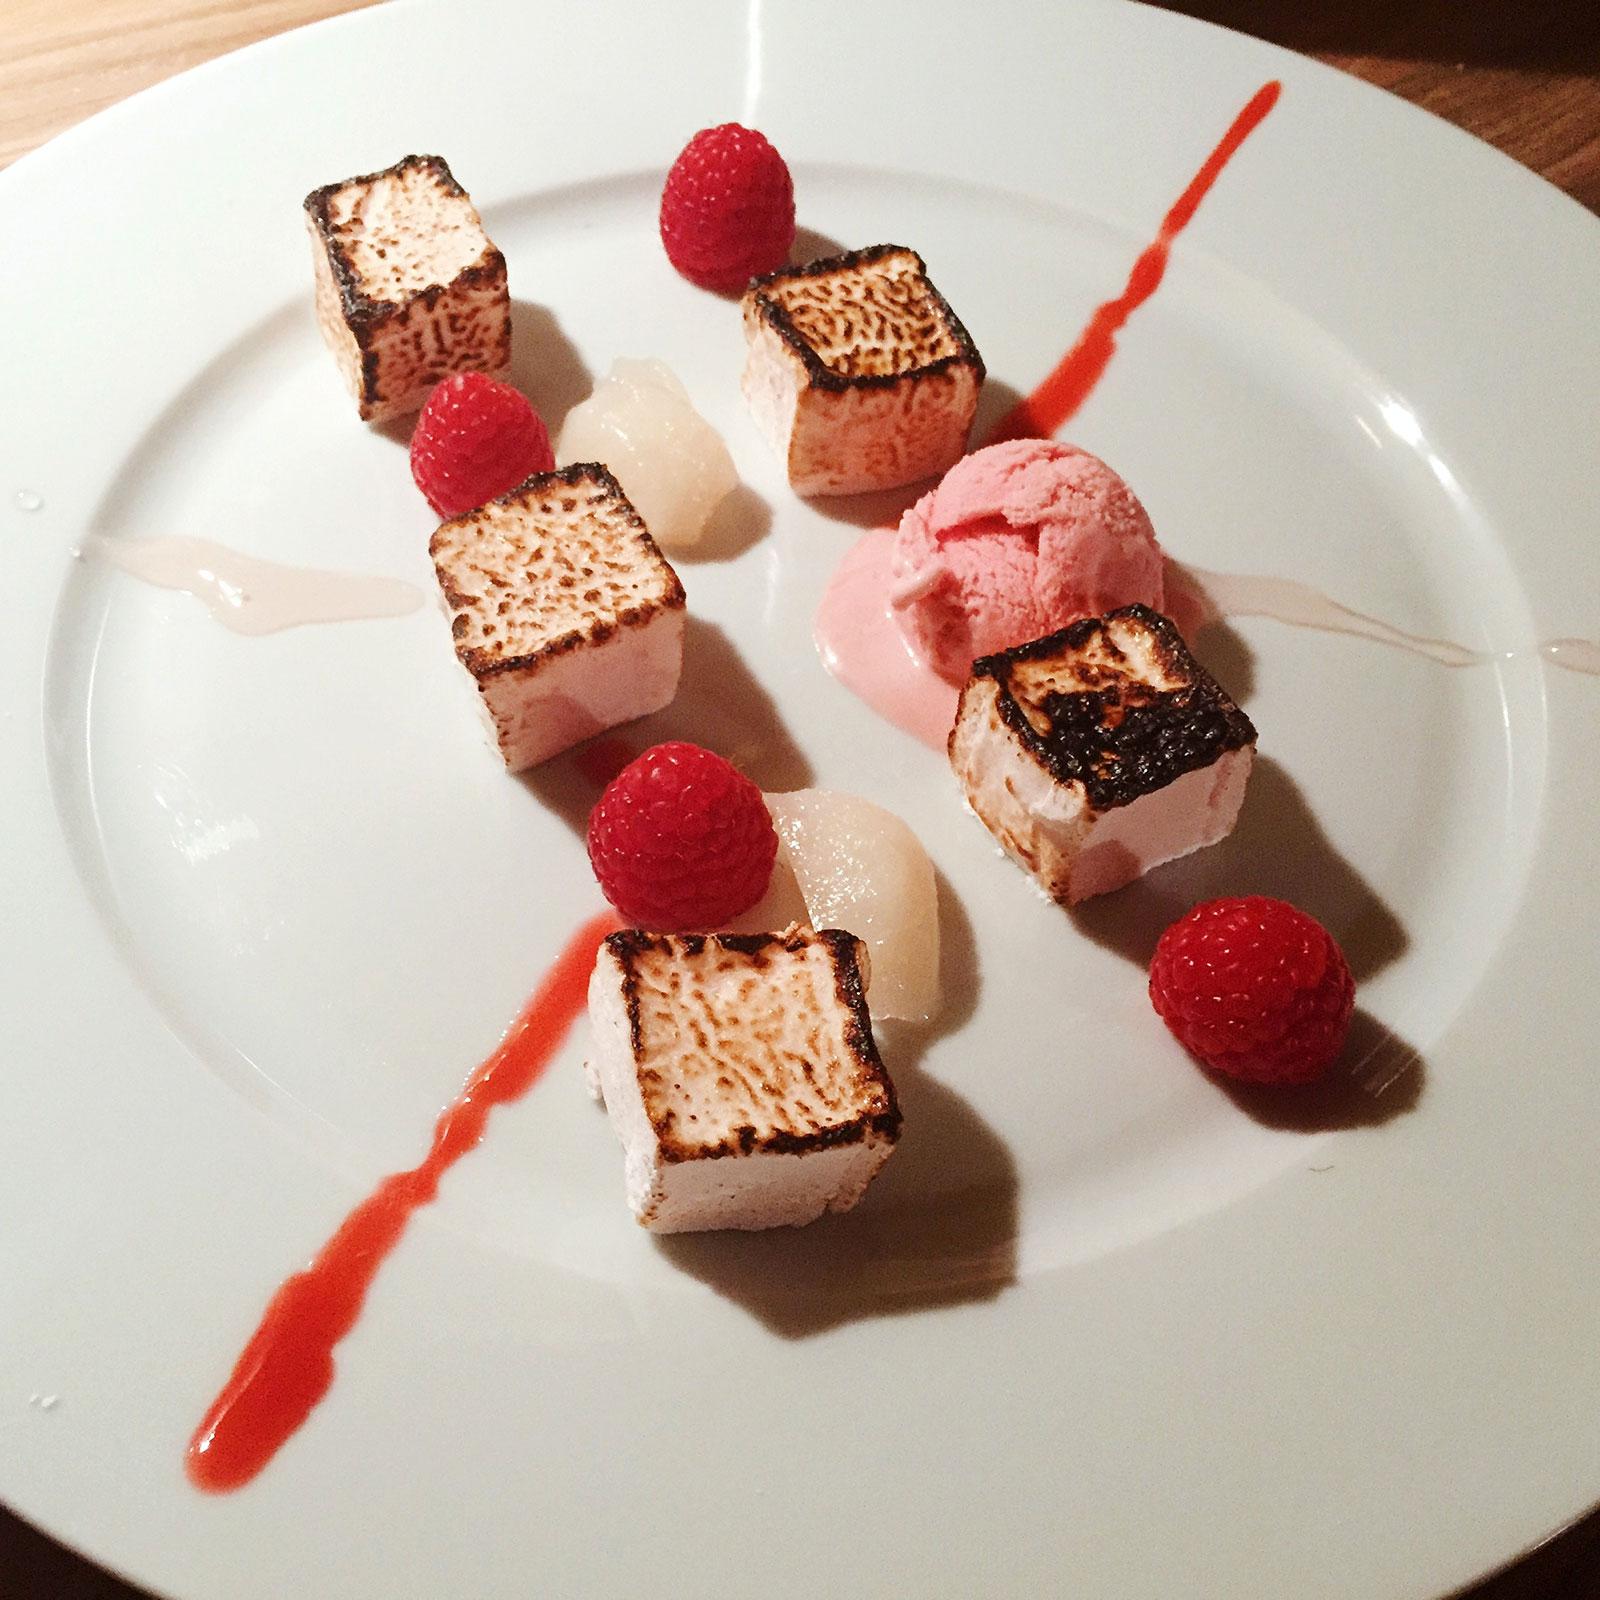 Ispahan inspired homemade dessert